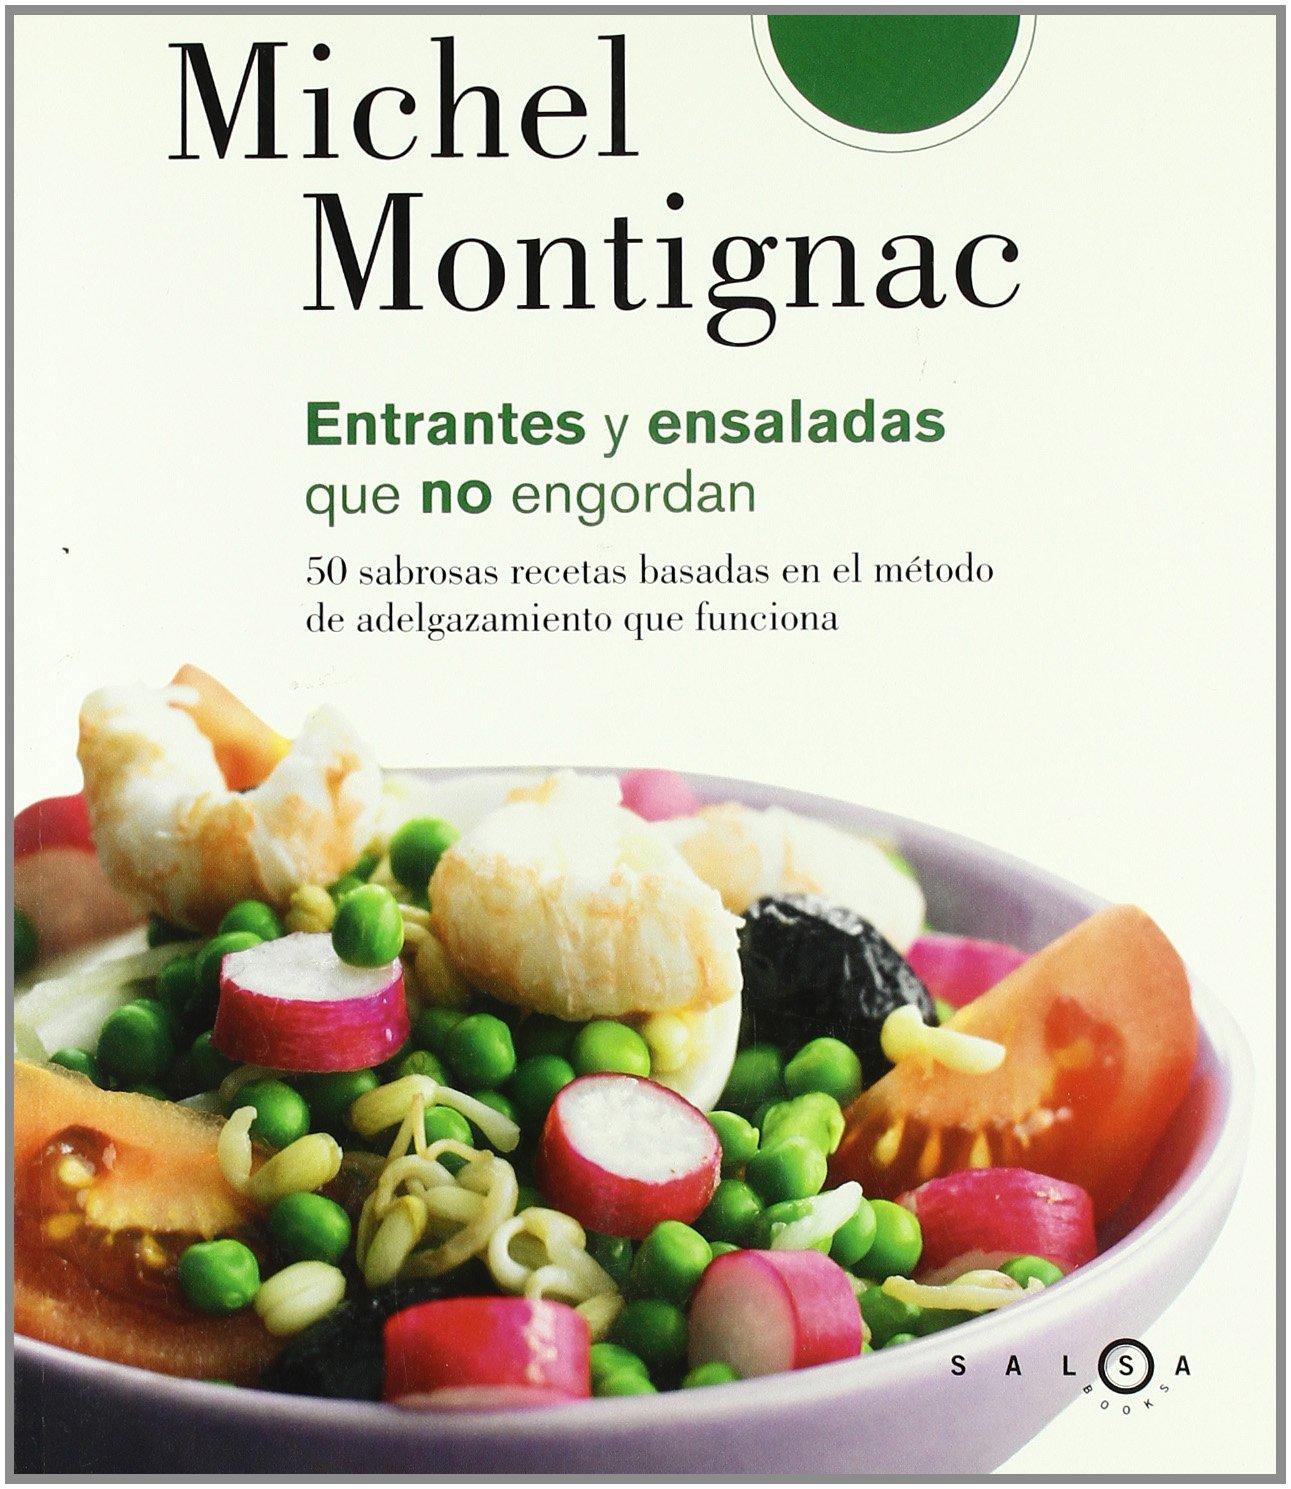 Ensaladas y entrantes que no engordan (SALSA): Amazon.es: Michel Montignac, Beatriz Pérez García: Libros